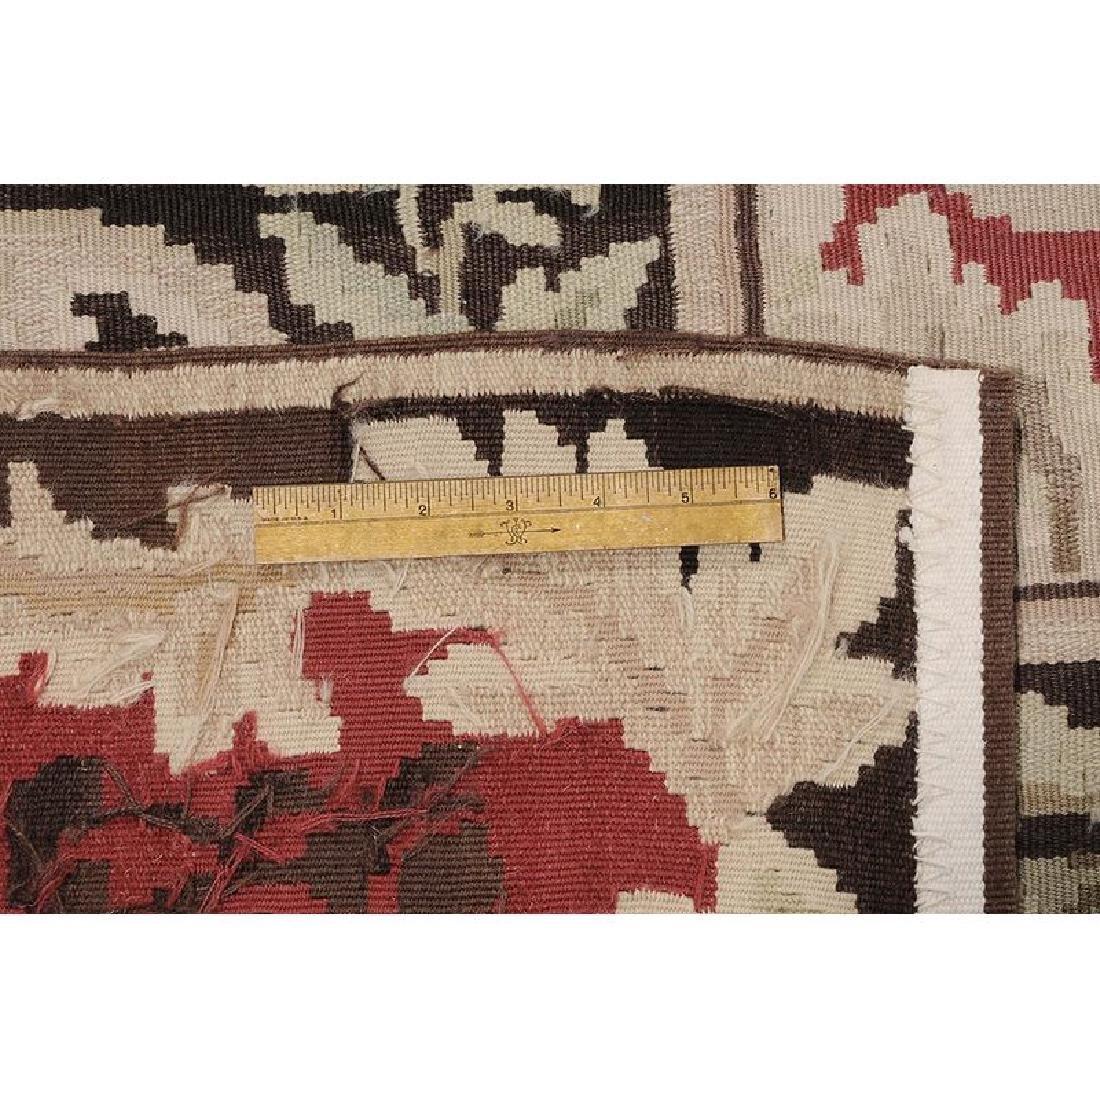 Bessarabian Style Kilim Carpet - 3